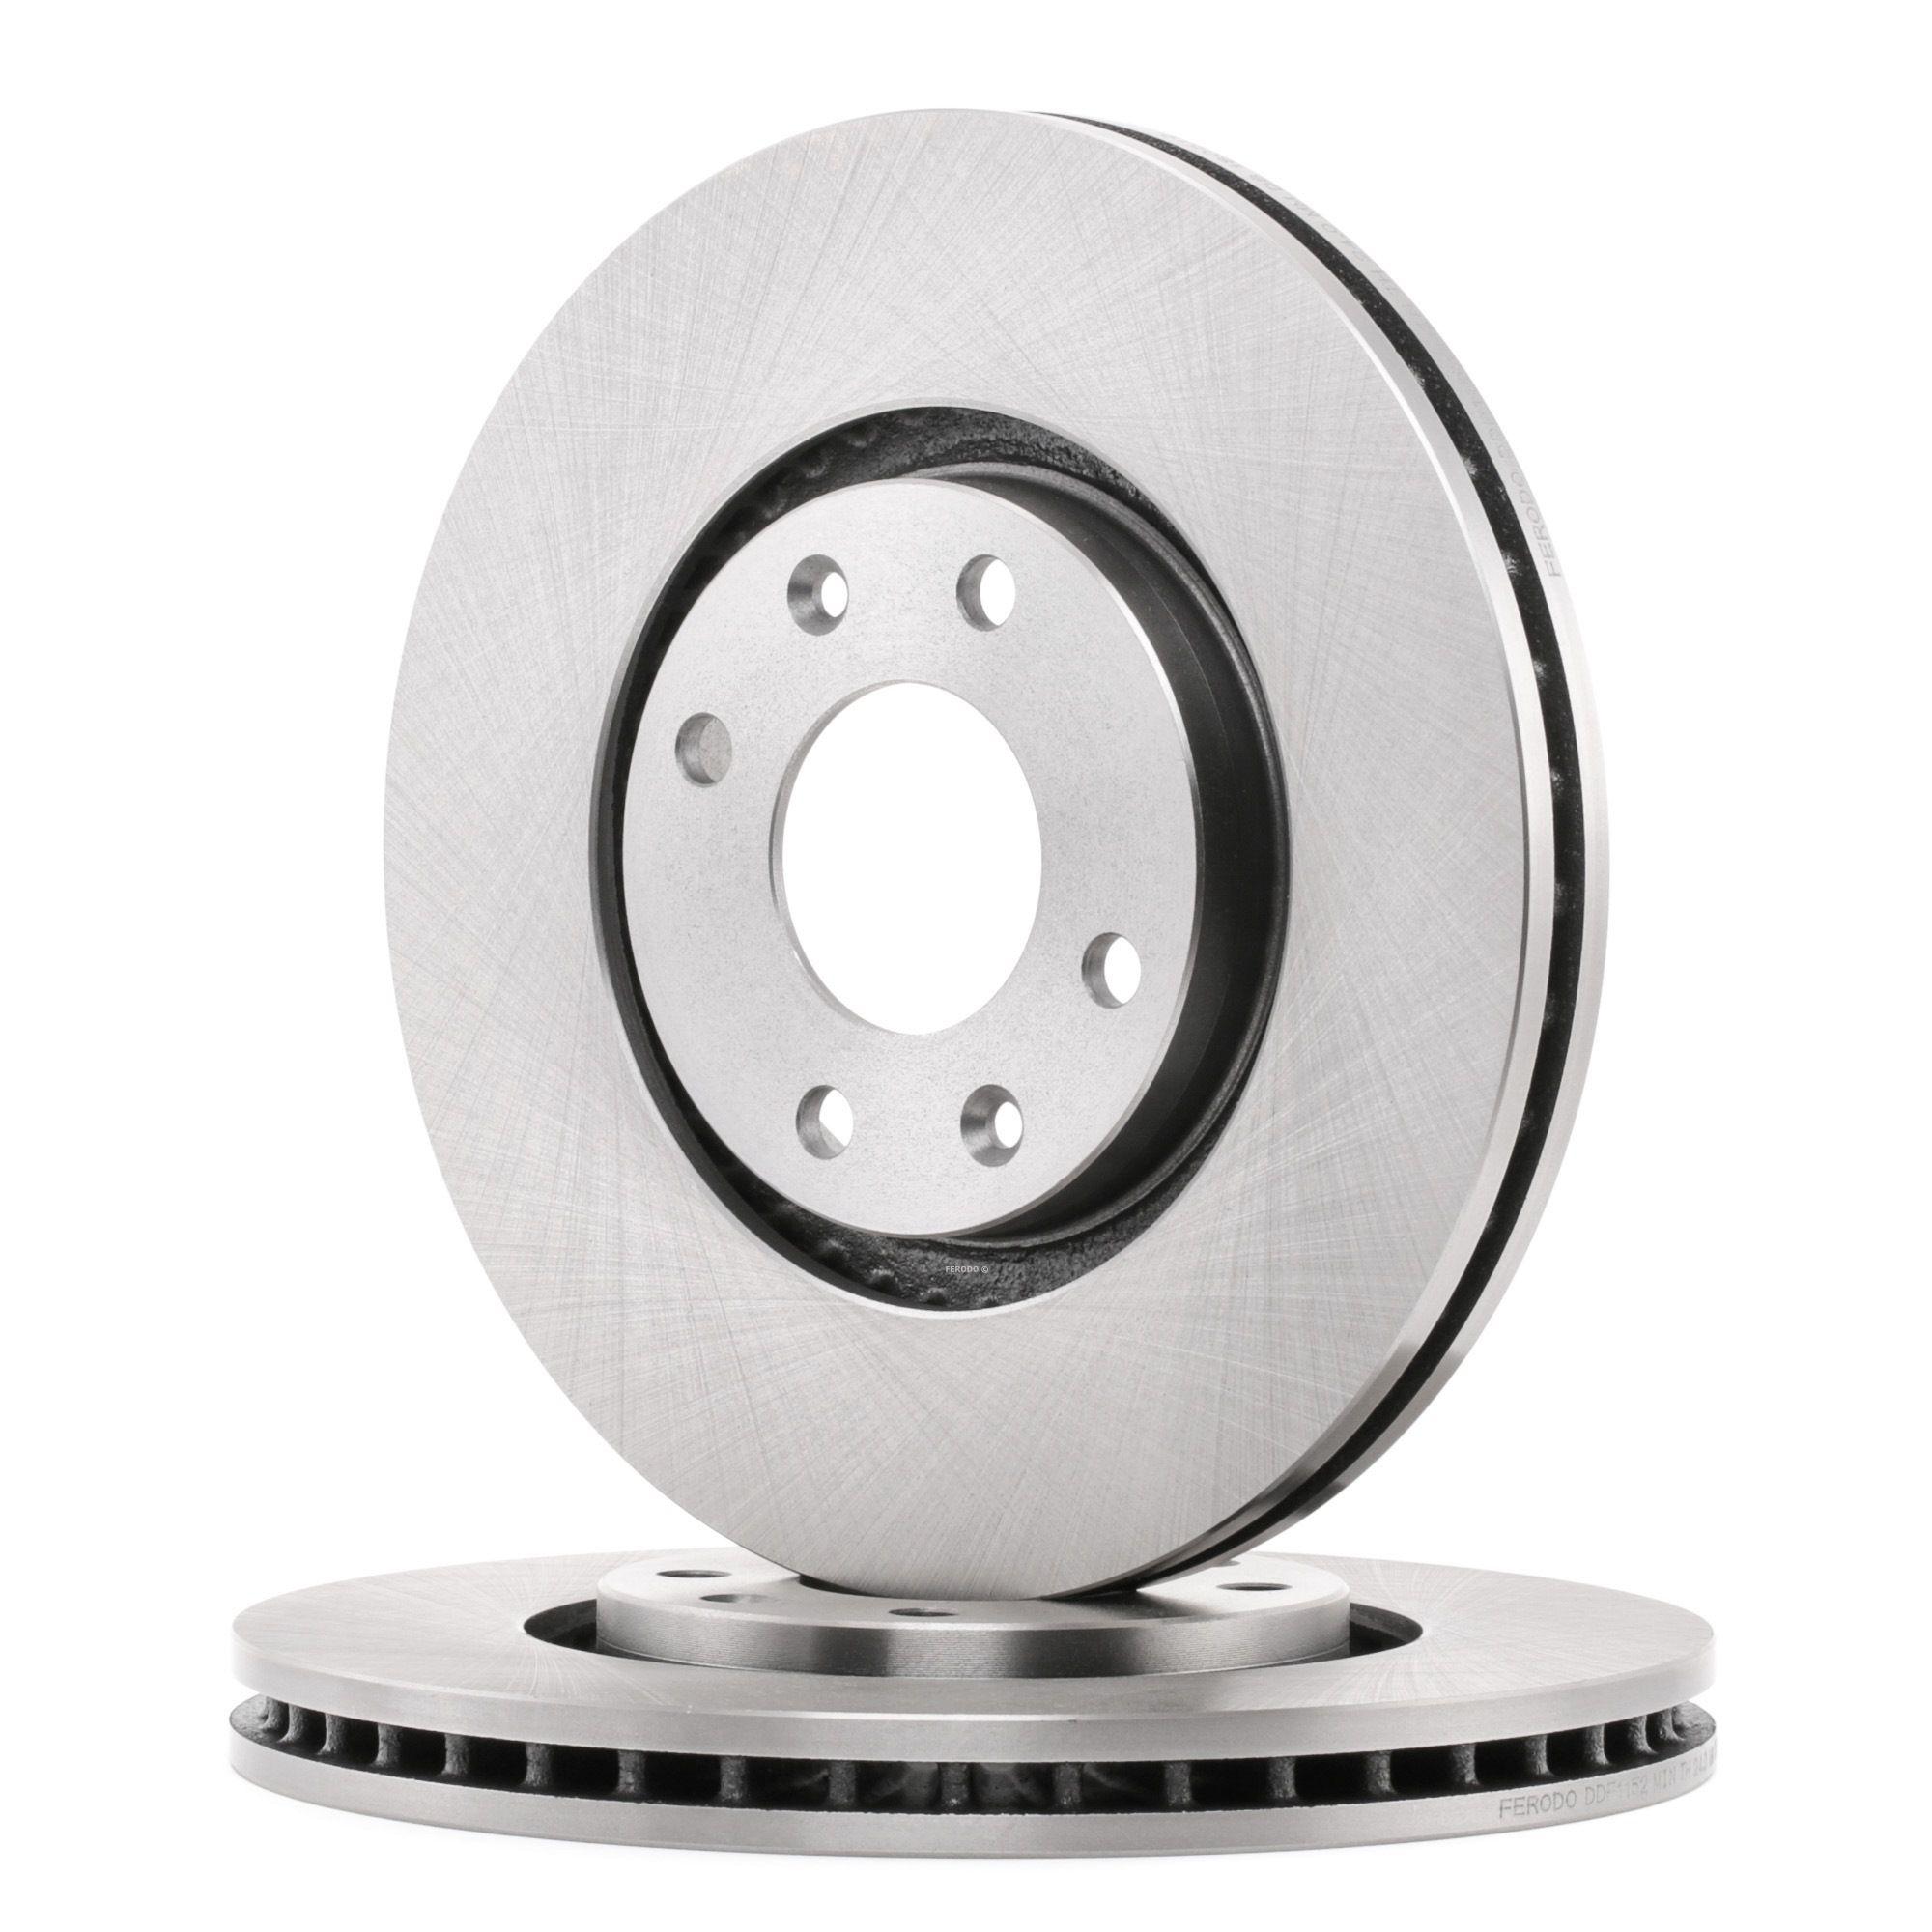 Achetez Disque de frein FERODO DDF1152 (Ø: 283mm, Nbre de trous: 4, Épaisseur du disque de frein: 26mm) à un rapport qualité-prix exceptionnel